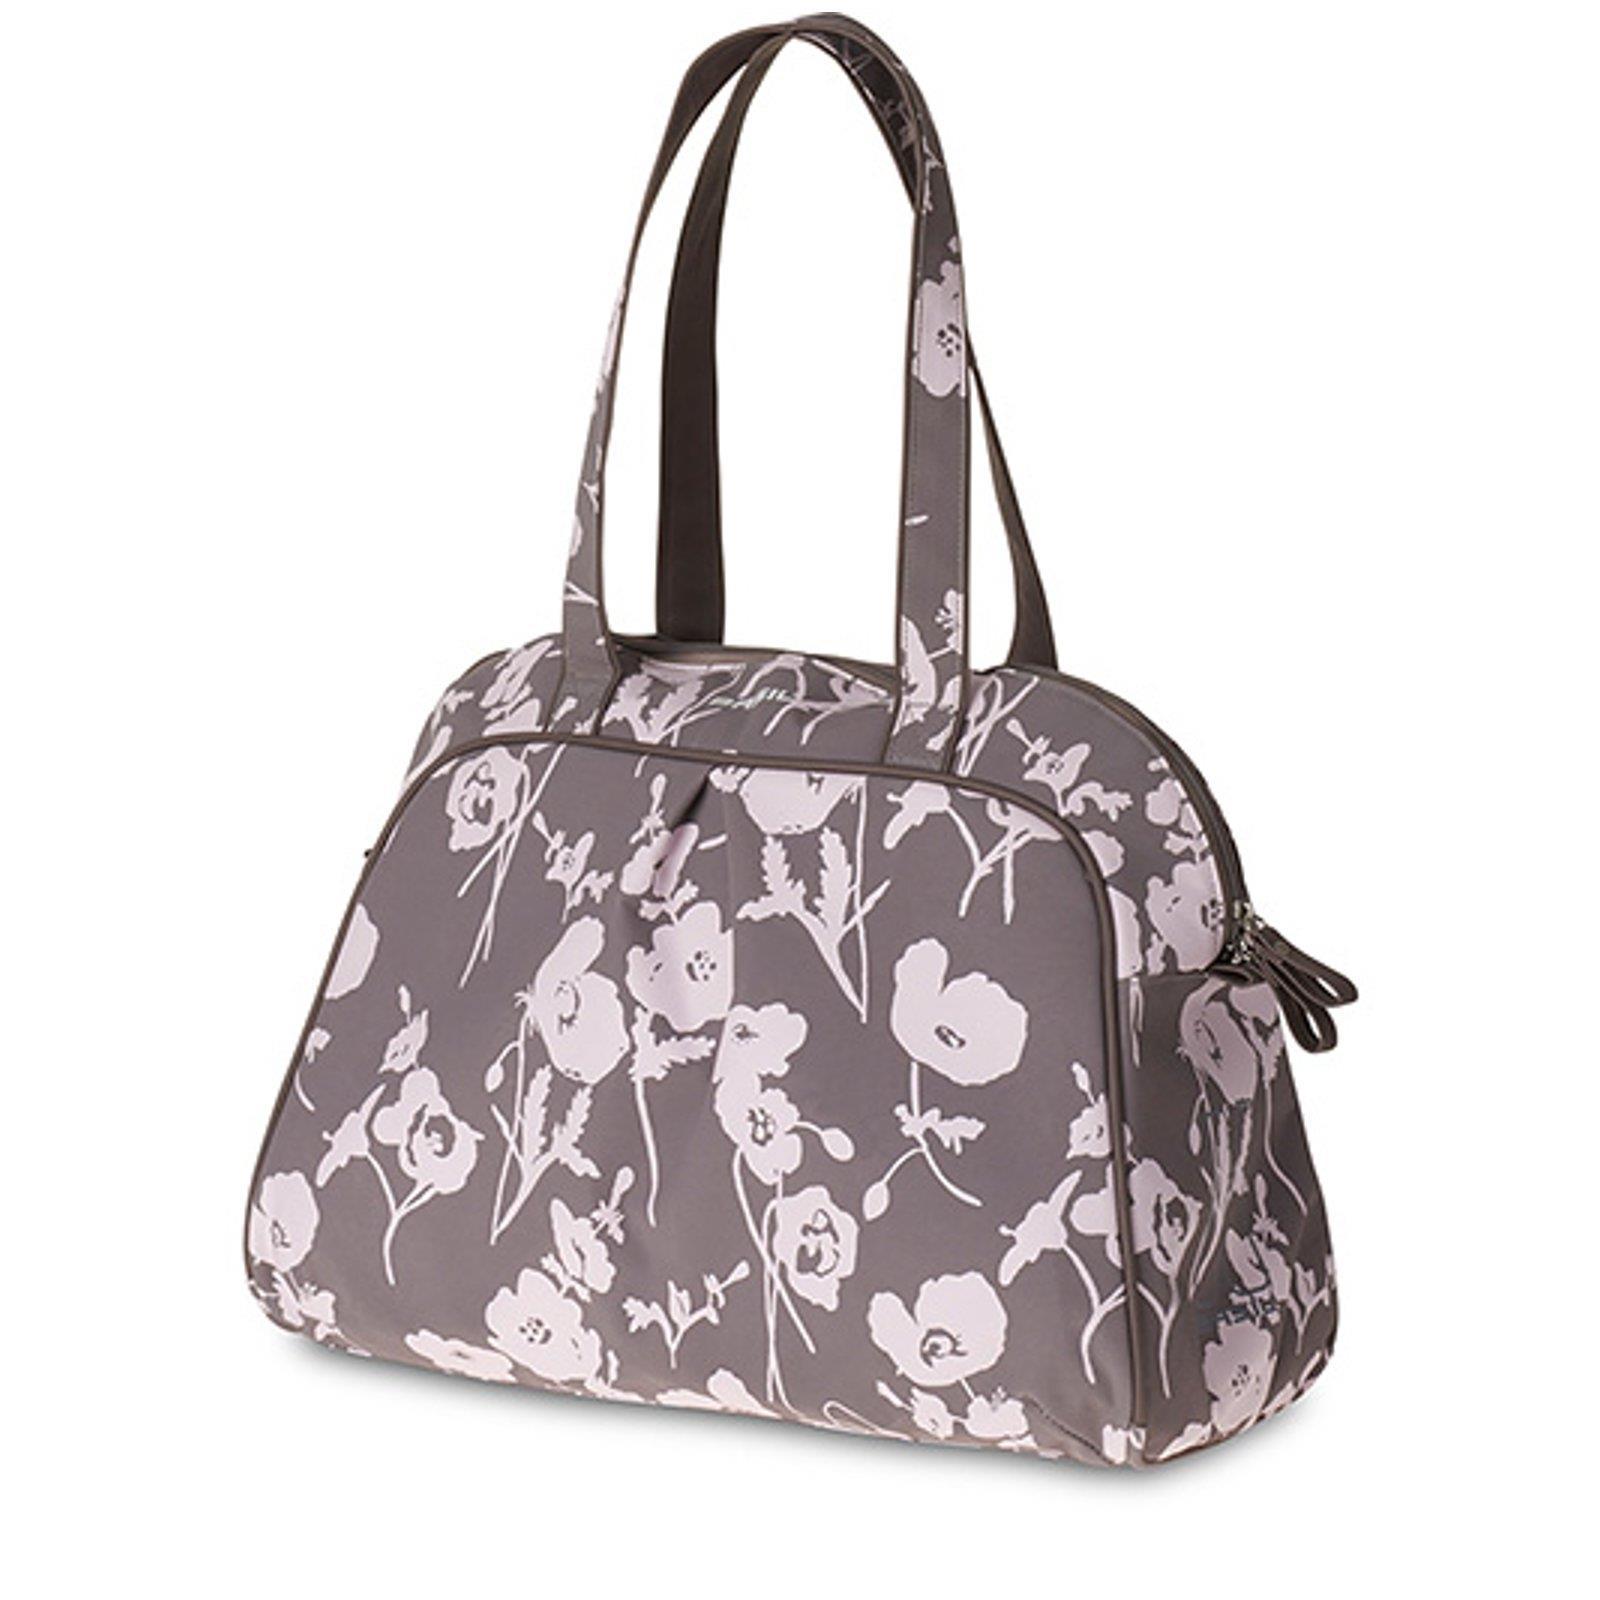 basil elegance handtasche tasche fahrrad 17 l fahrradtasche umh ngetasche ebay. Black Bedroom Furniture Sets. Home Design Ideas